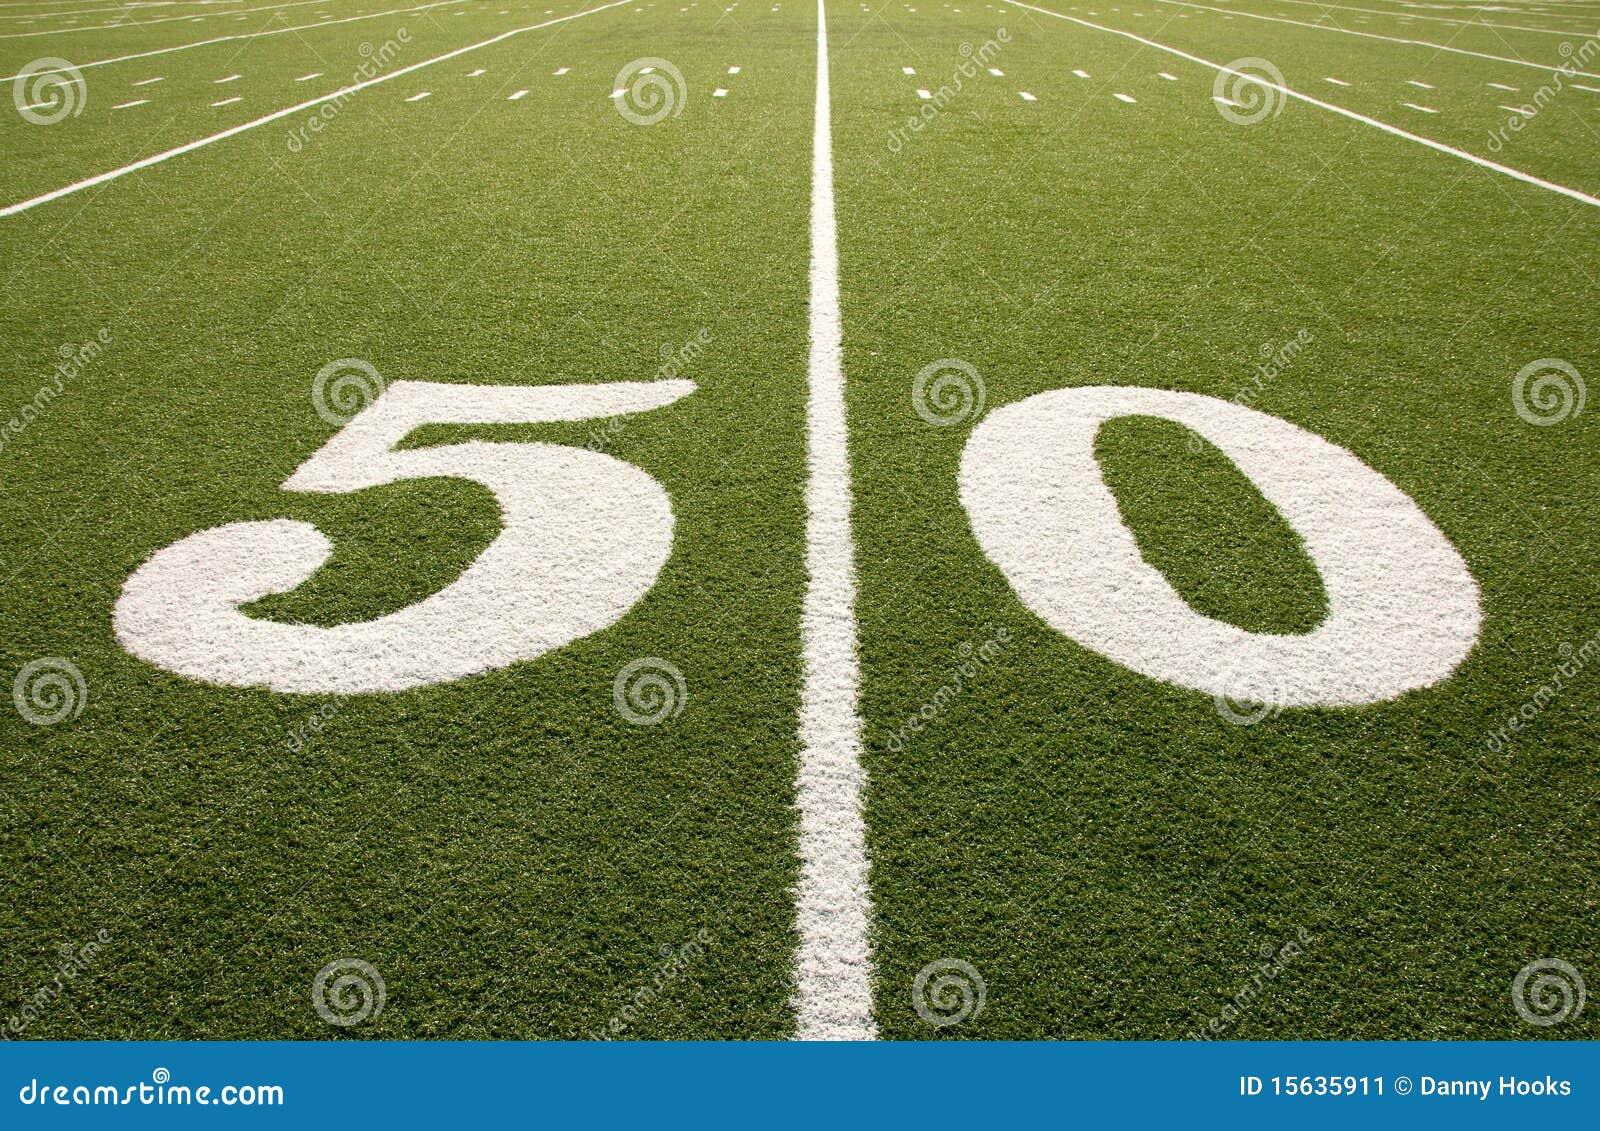 Amerikanische Yard-Line des Fußballplatz-50